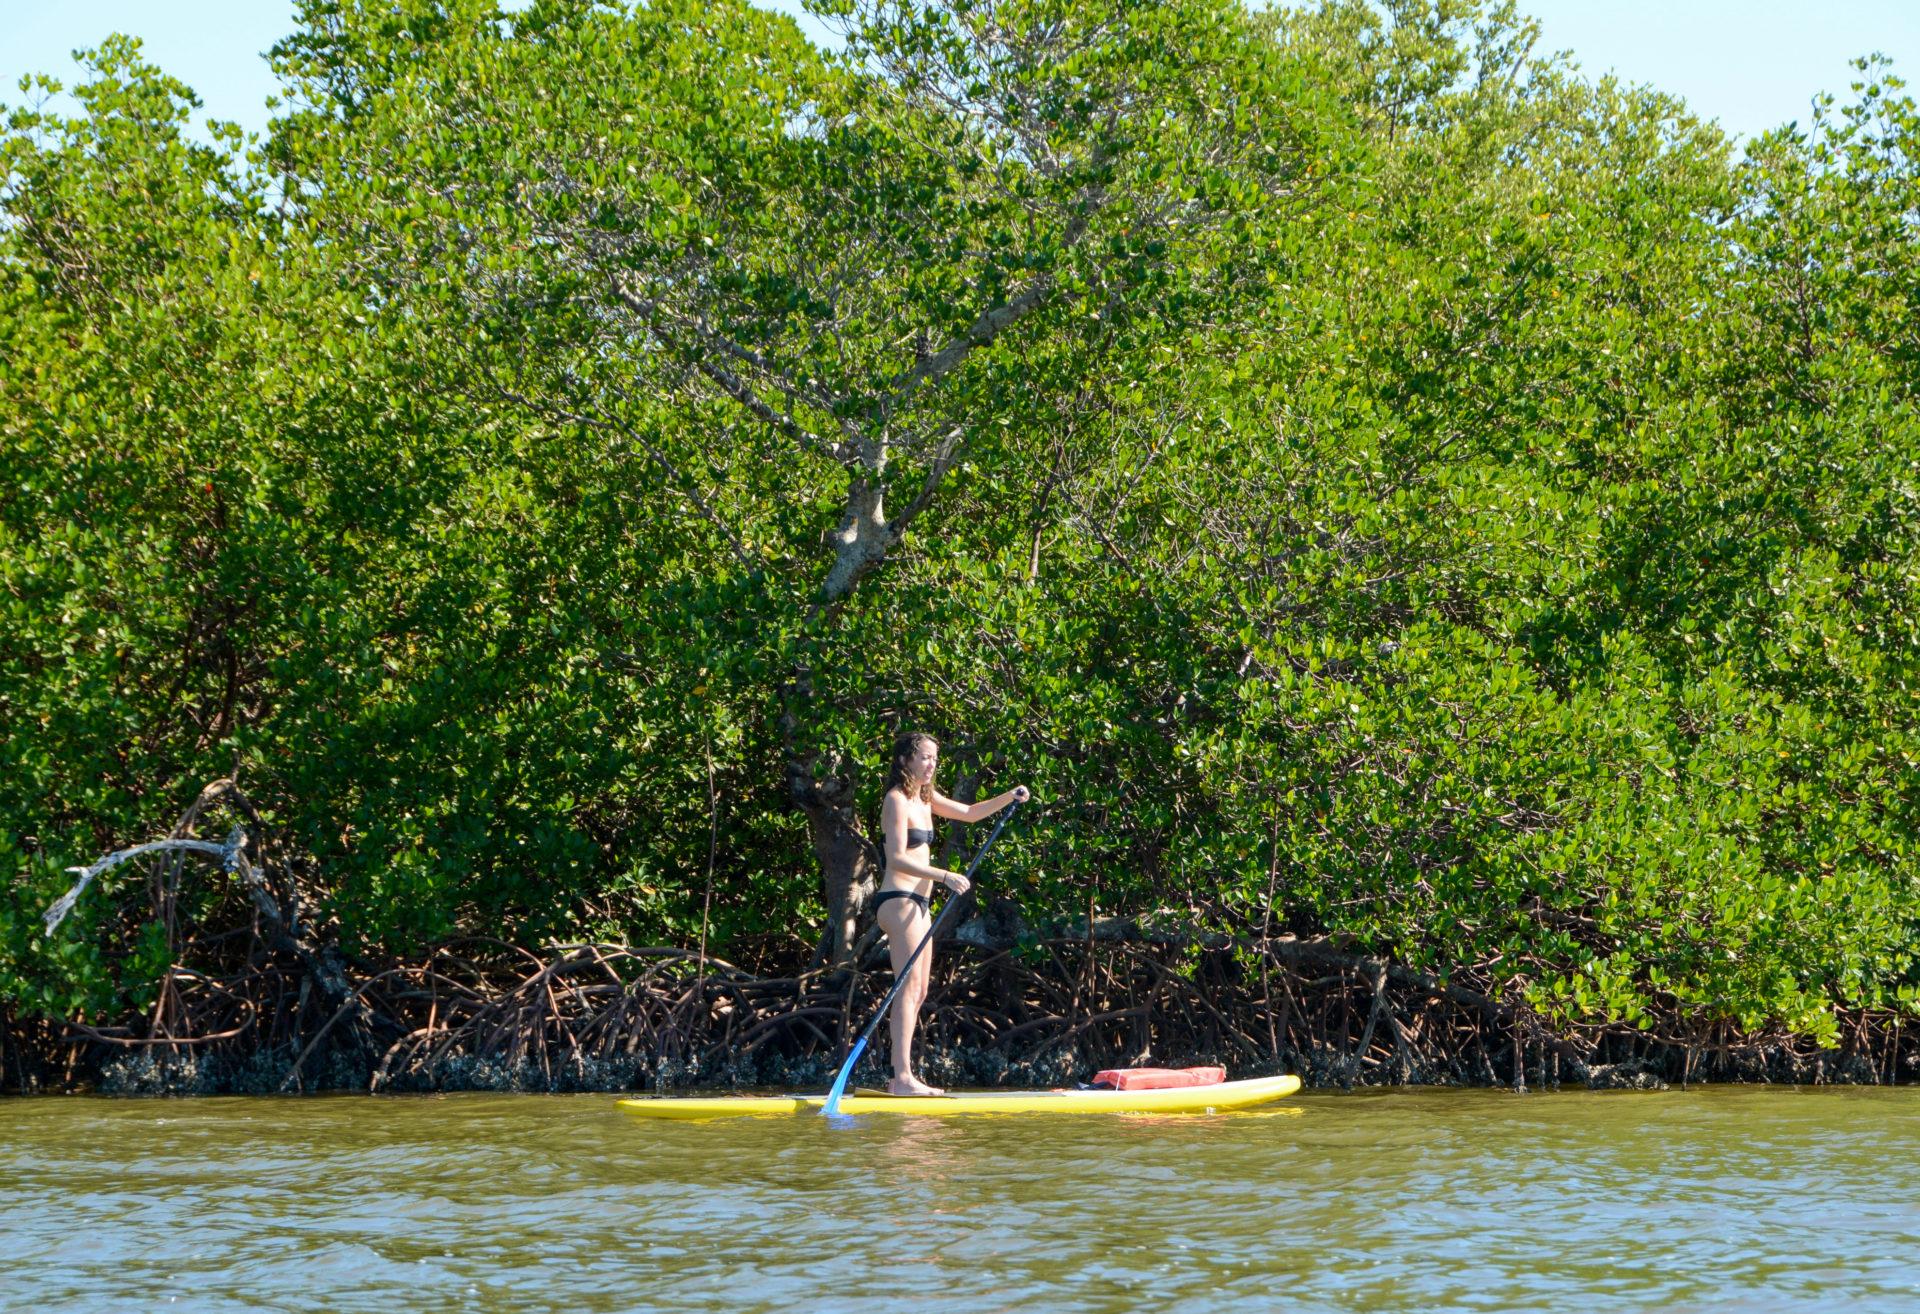 Suppen bei Captiva Island in Florida mit Mangroven im Hintergrund.